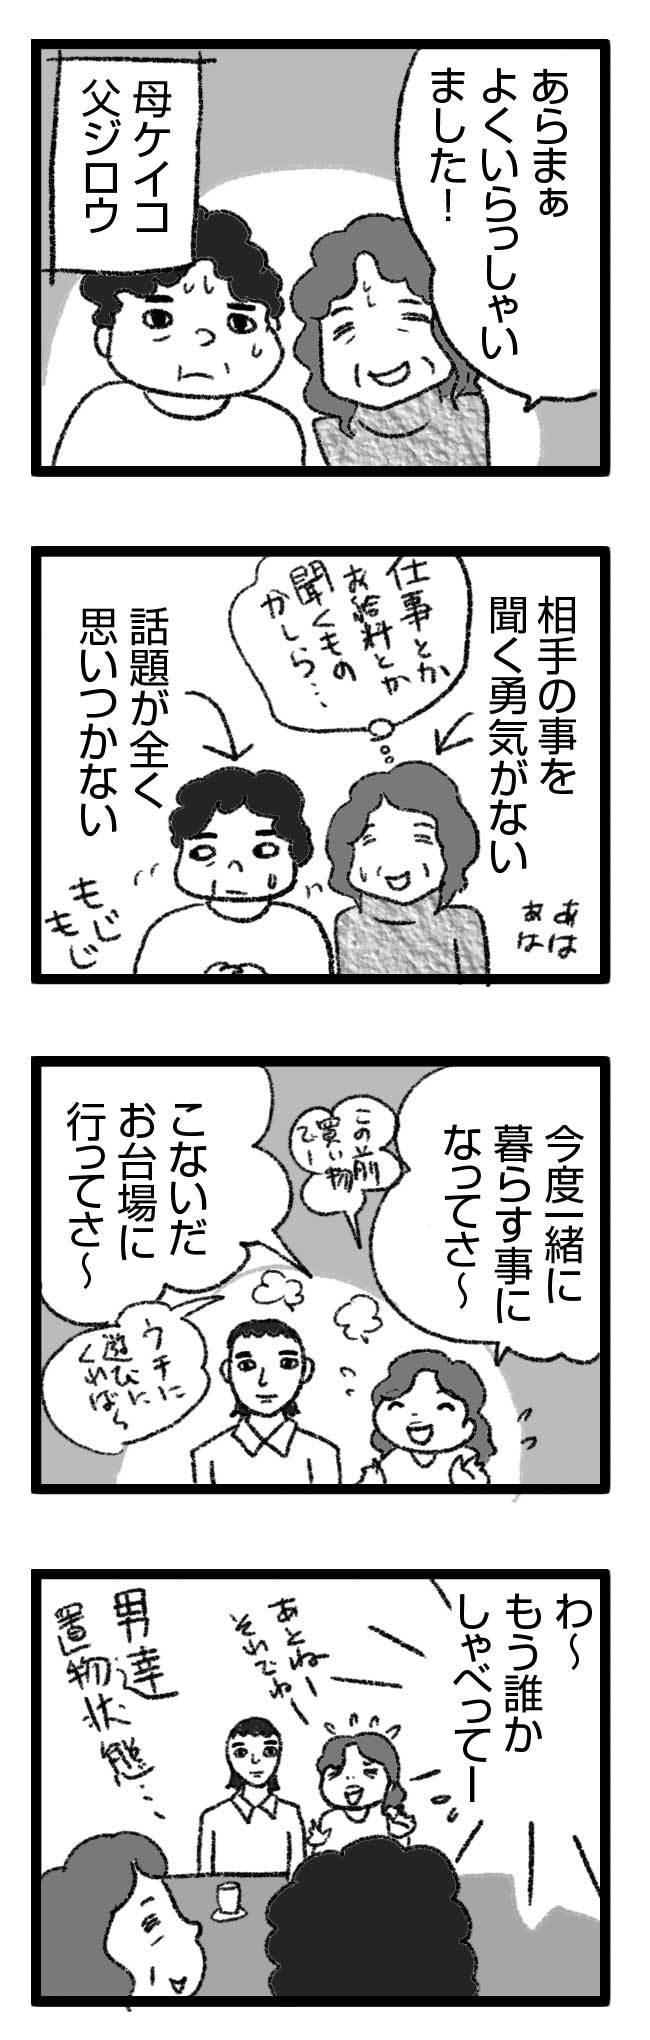 家族 顔合わせ 対面 親 義実家  結婚 婚活 漫画 マンガ まんが レス